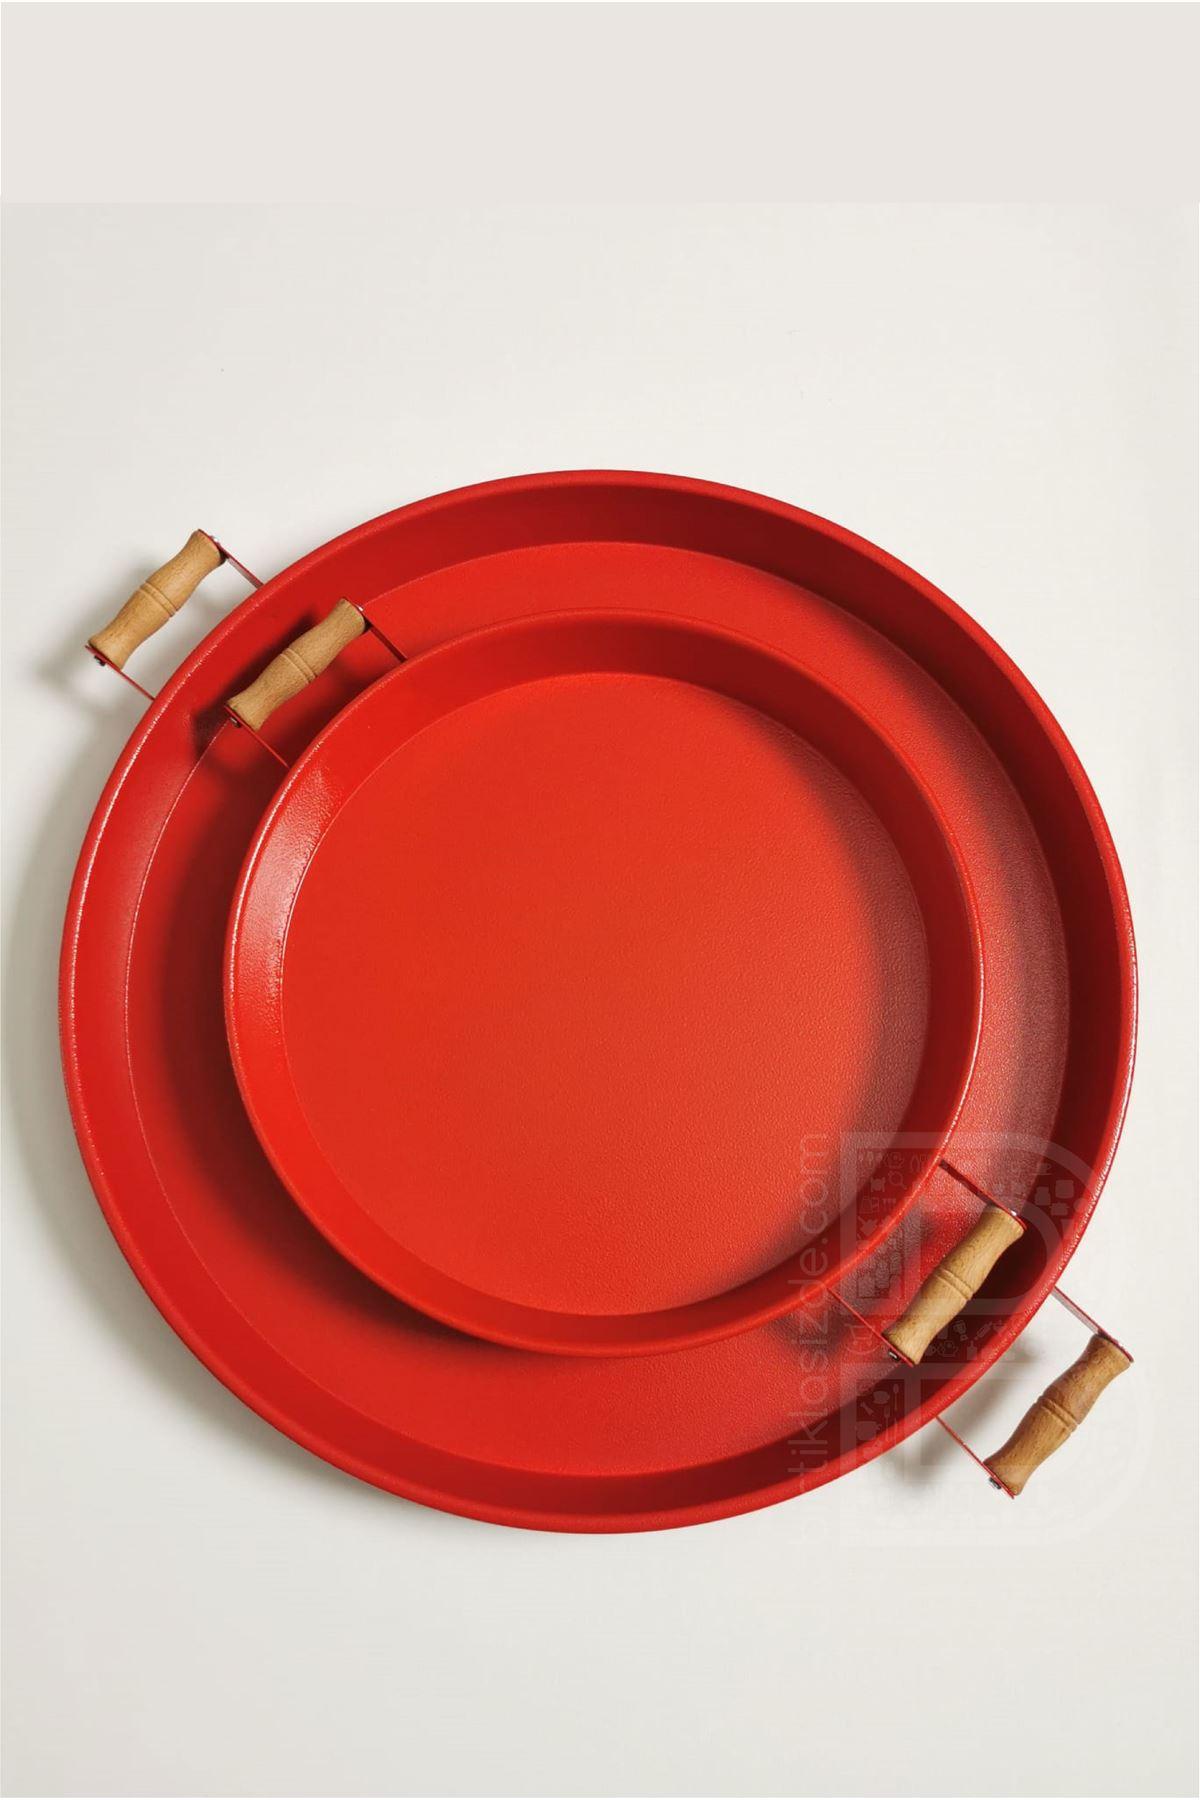 Kitchen Trend 2 Li 51 Cm ve 37 Cm  Ahşap Kulplu Metal Yuvarlak Kırmızı Tepsi Sunum Tepsi, Kahvaltı Tepsisi